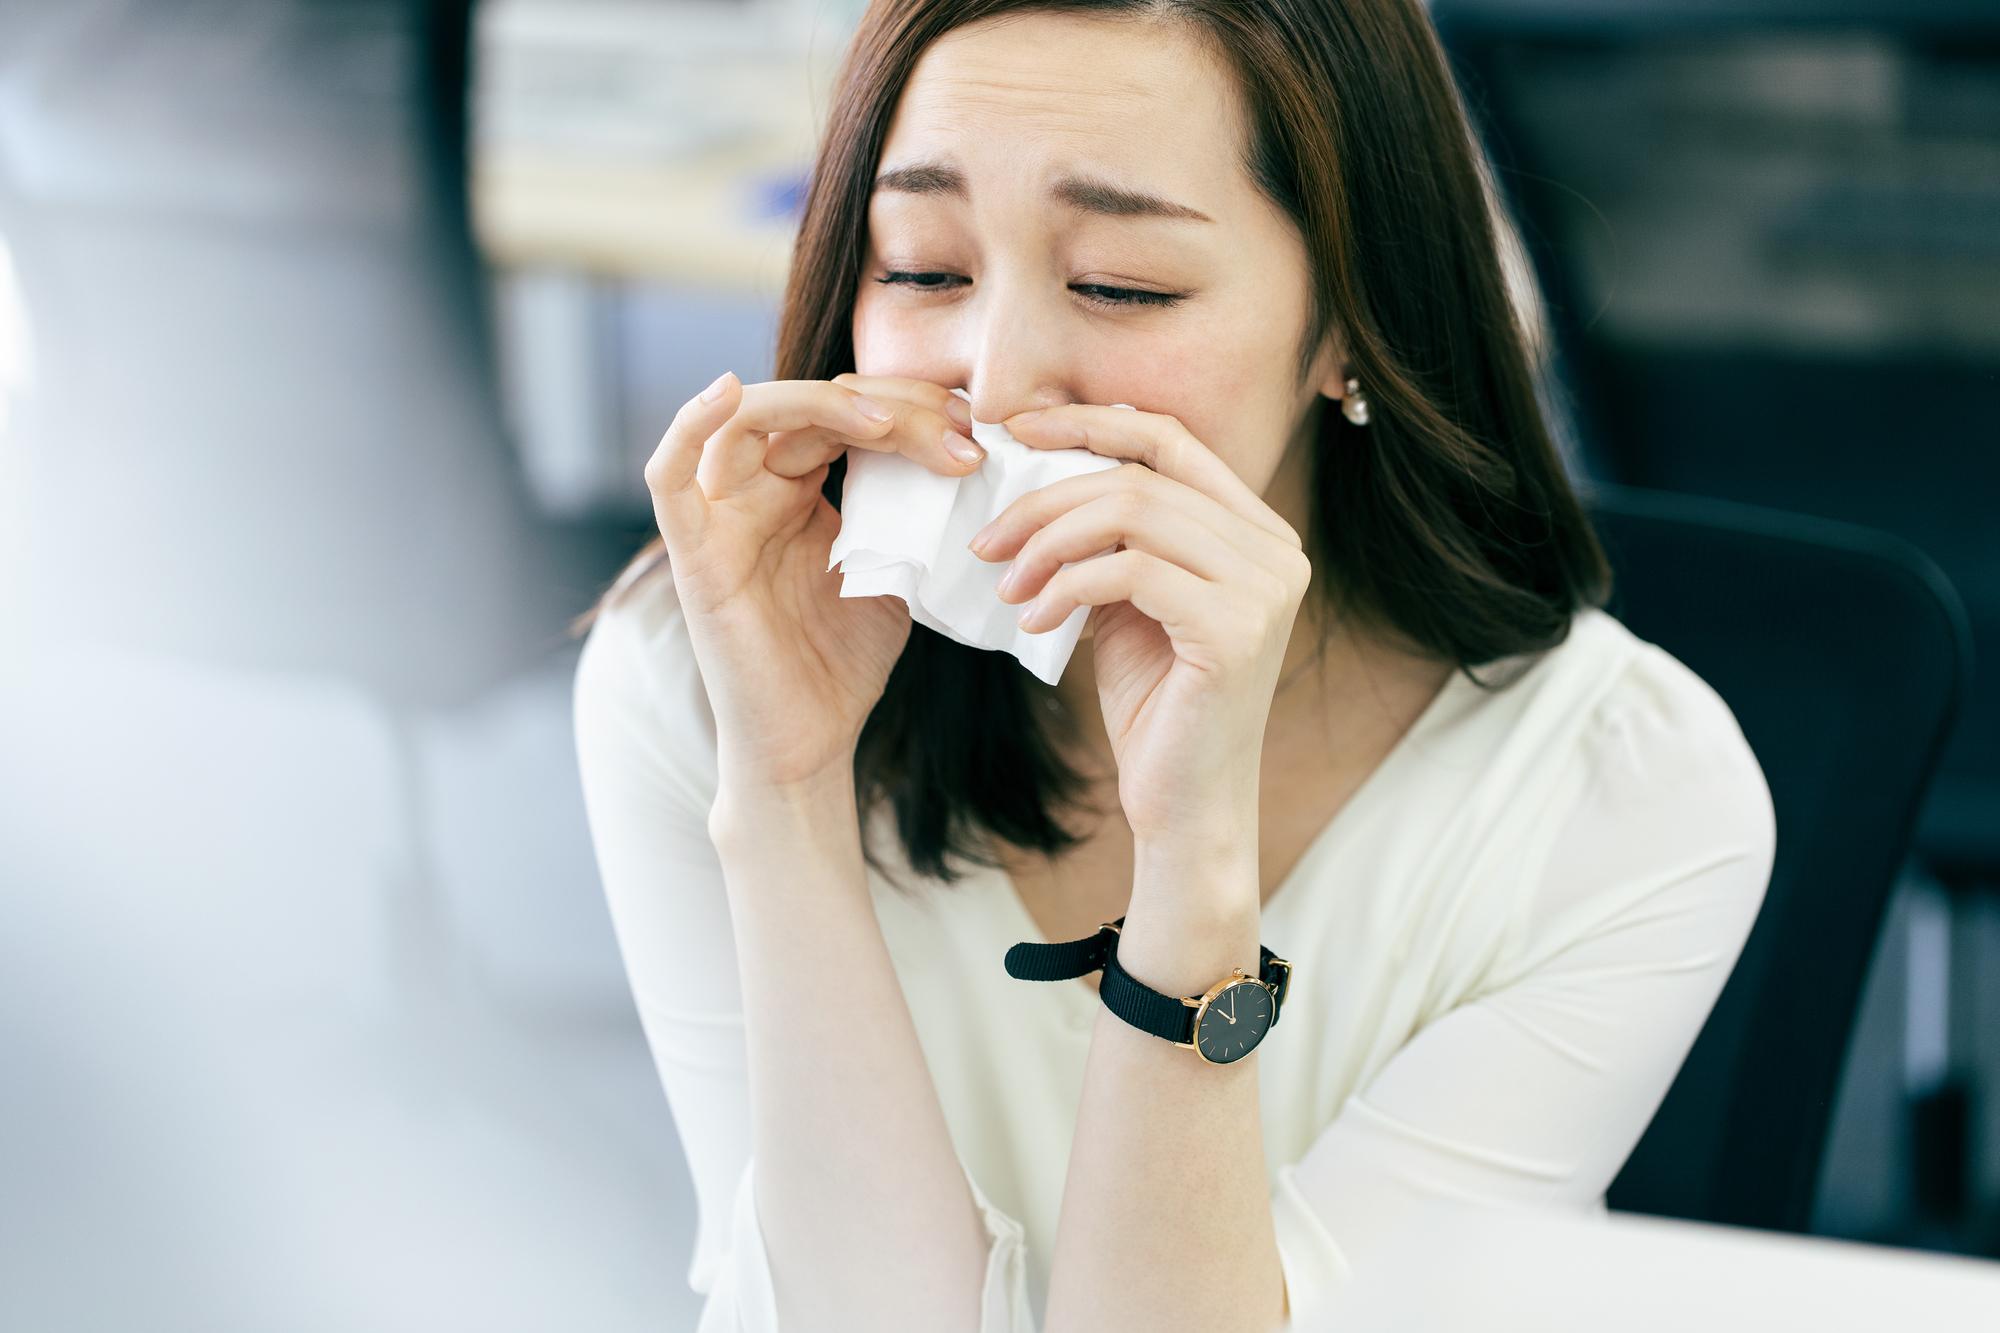 鼻 が ツーン と する 痛い 「よく鼻がツーンとする」痛い原因は?副鼻腔炎やヘルペスかも